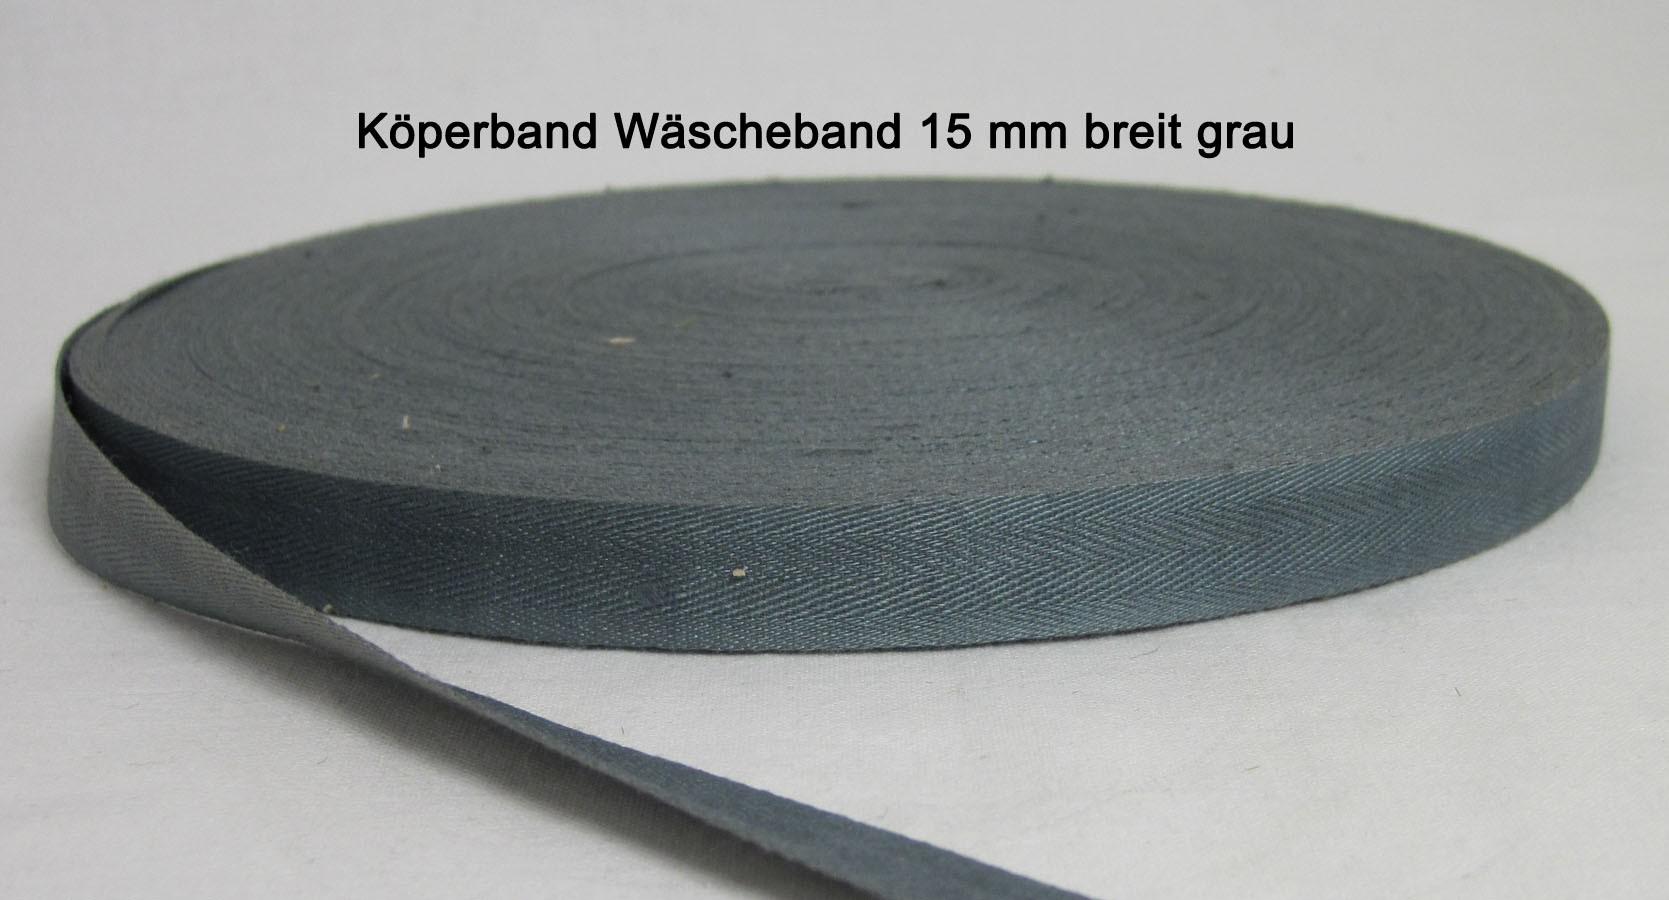 Köperband Wäscheband 14 mm grau 10 lfdm.